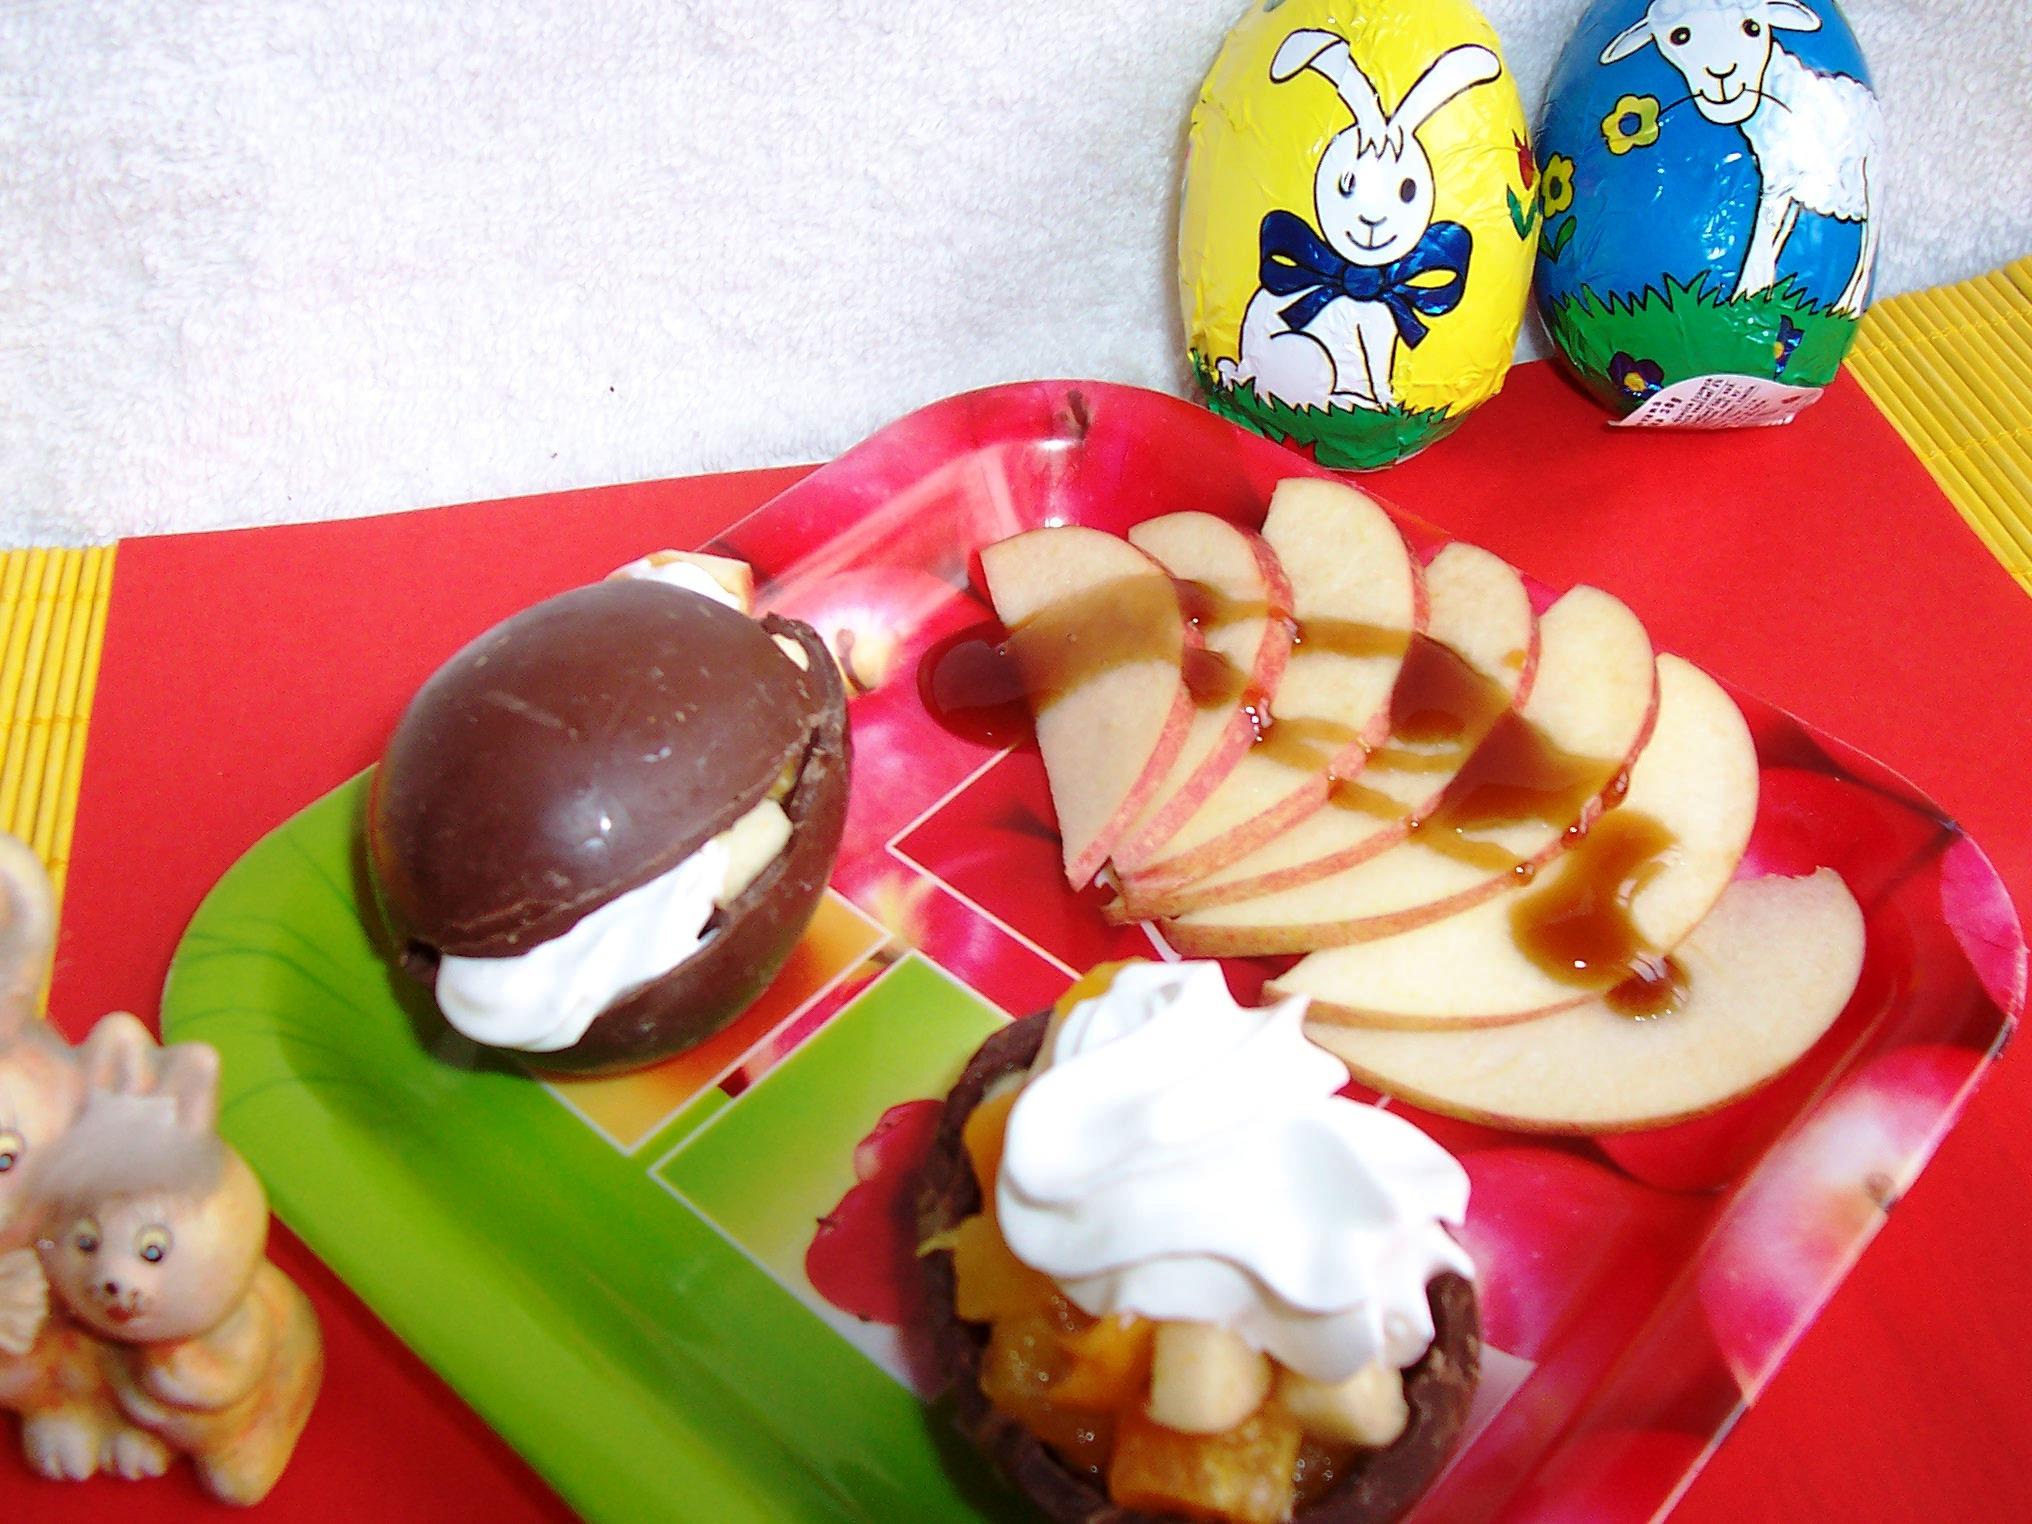 Čokoládová vejce plněná ovocem